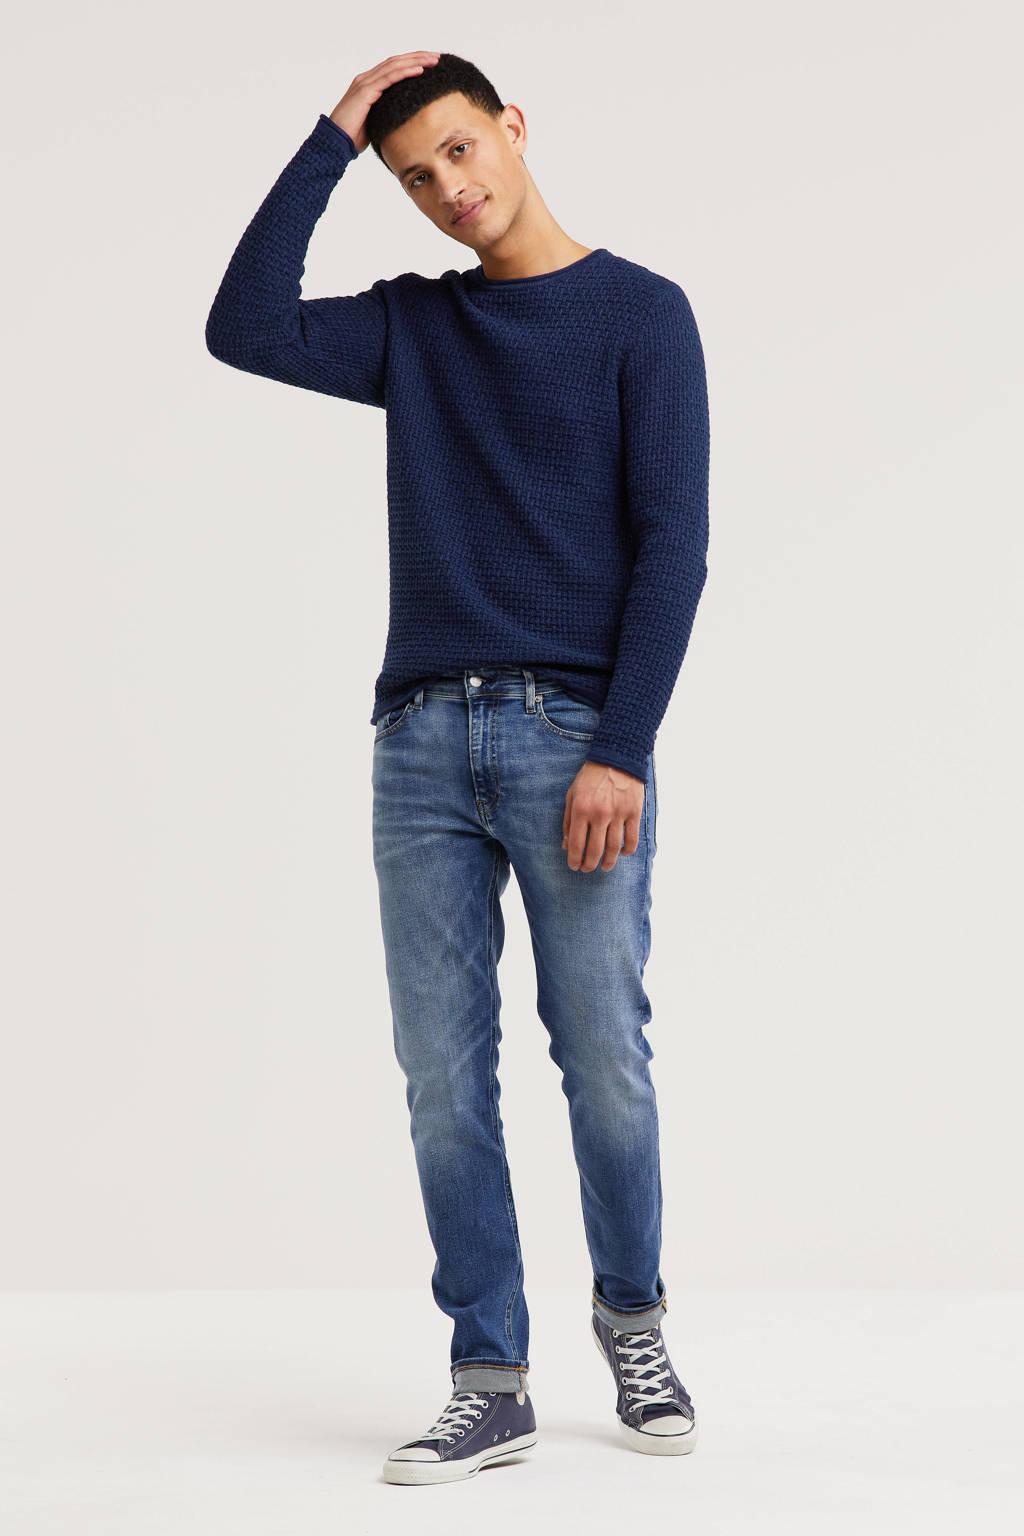 JACK & JONES ORIGINALS trui Julius met textuur donkerblauw, Donkerblauw